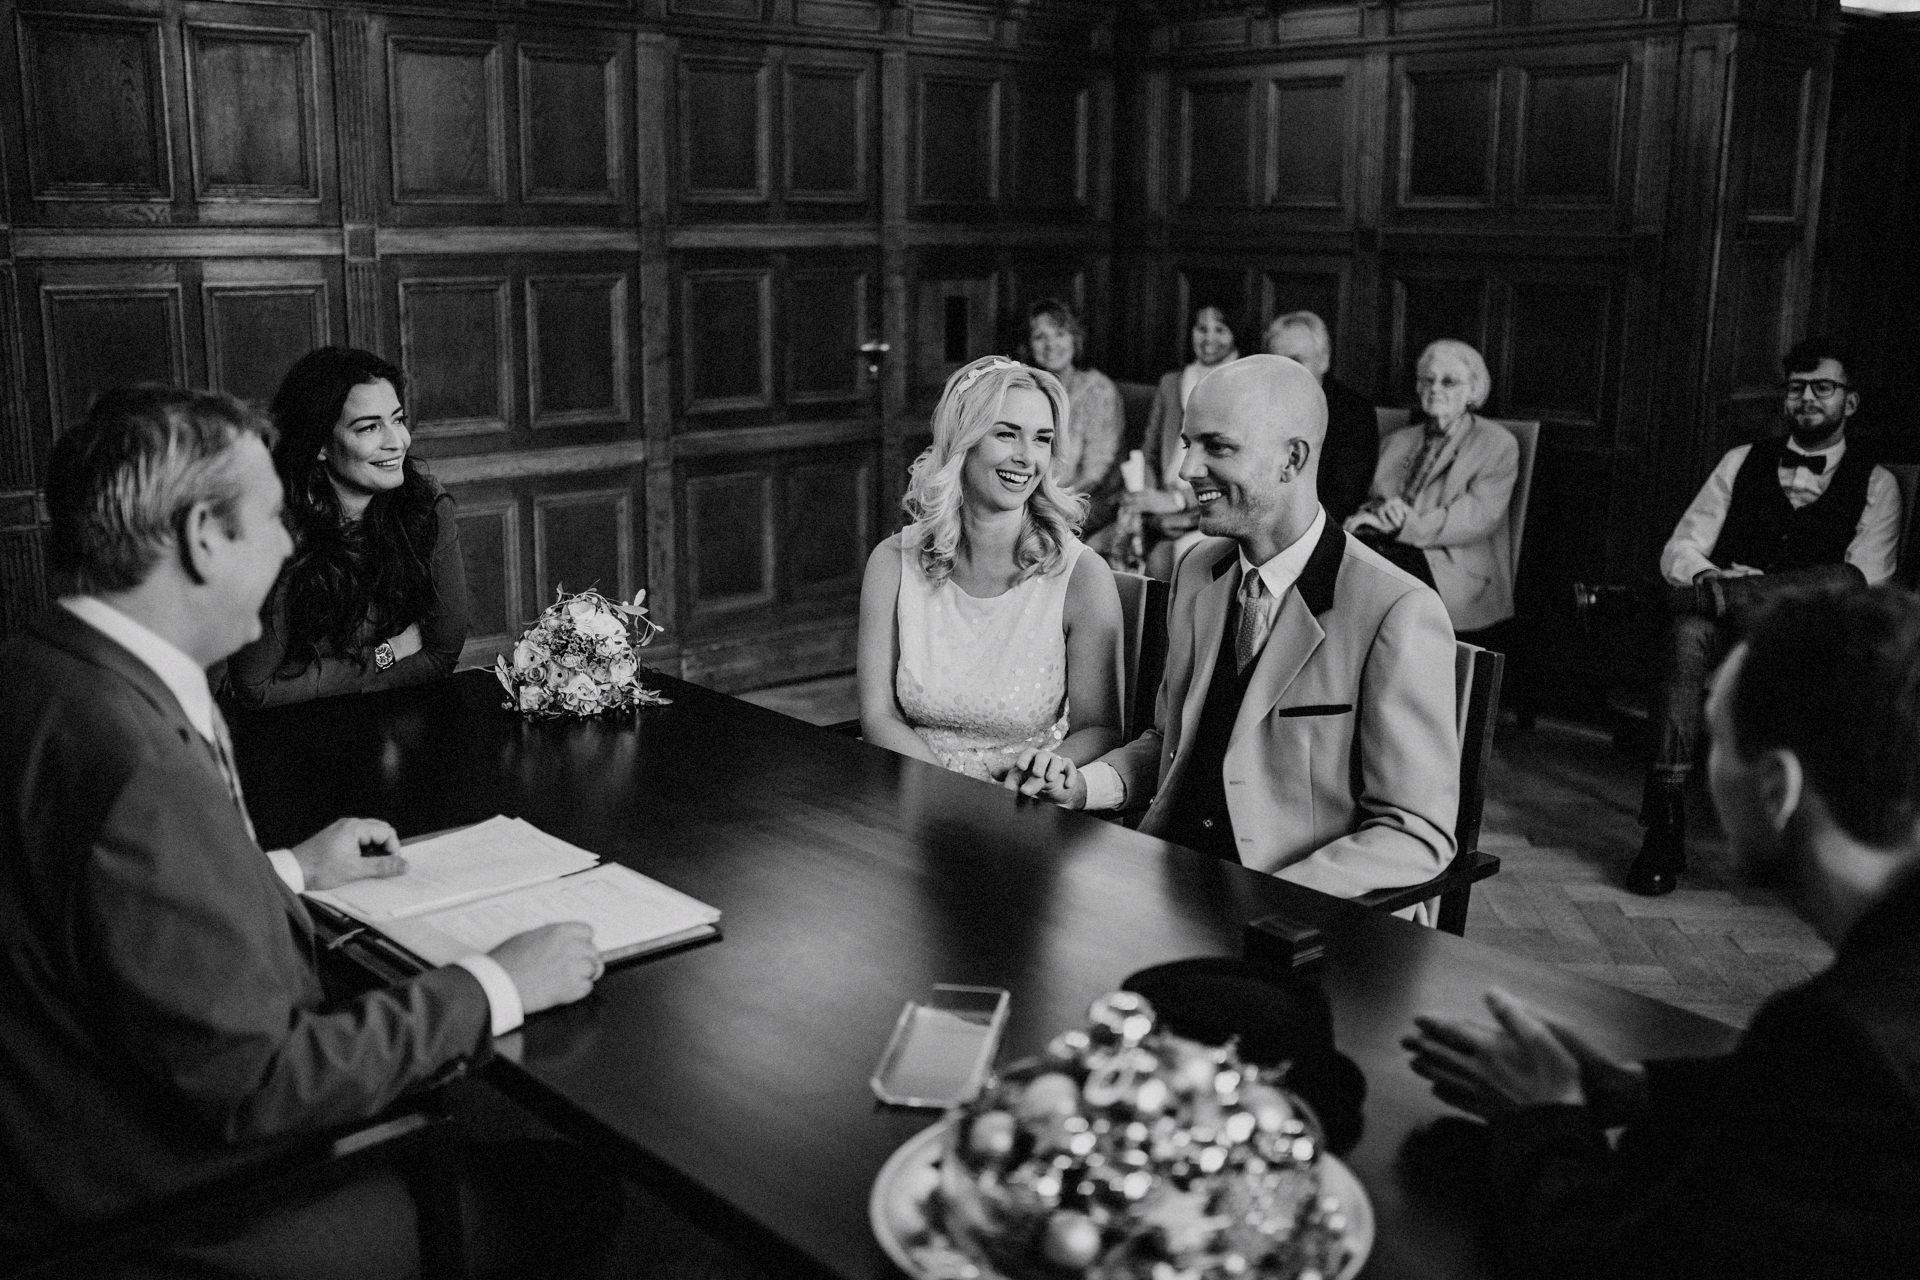 Dusseldorf Hochzeit Standesamt 19 Lukas Piatek Photography